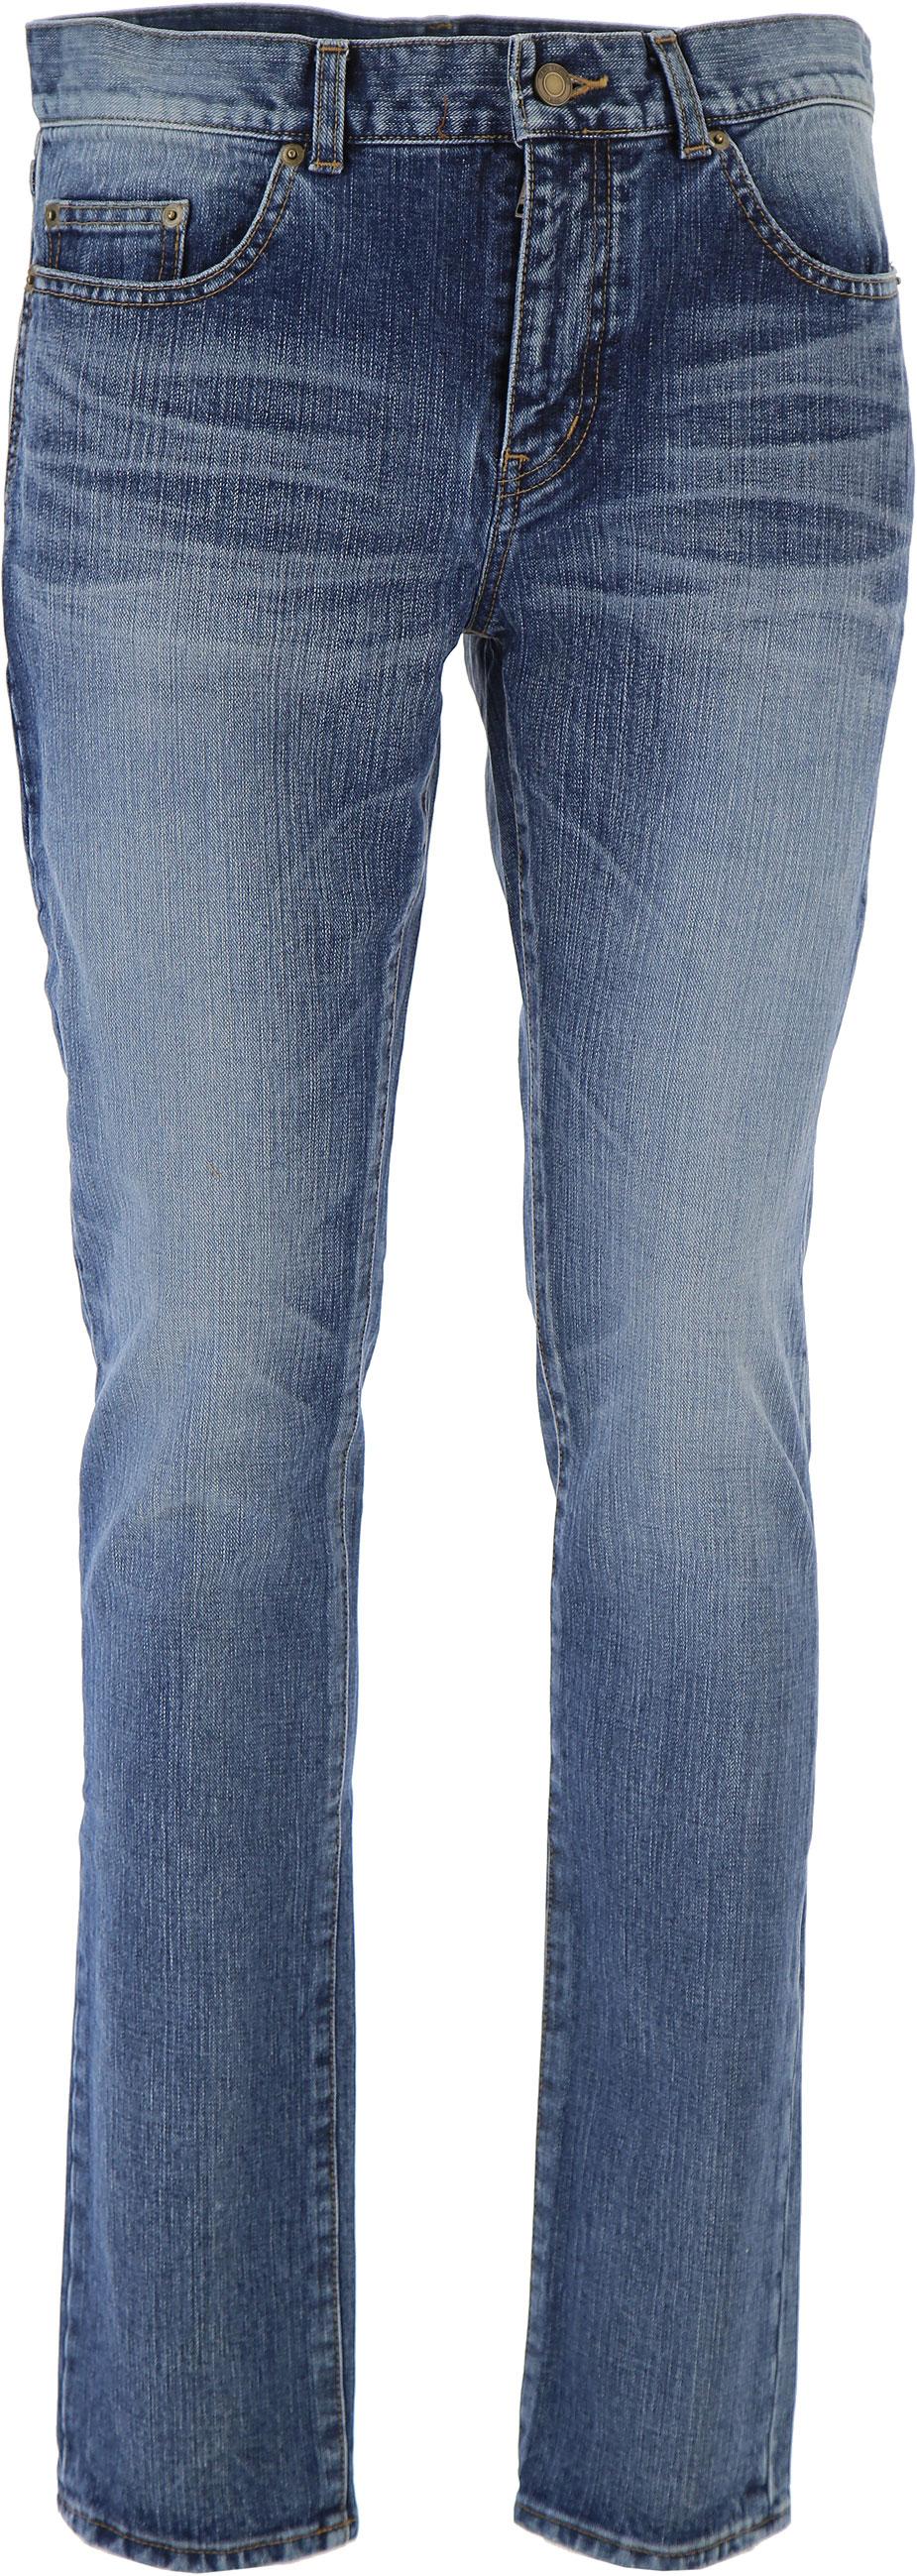 Abbigliamento Uomo Yves Saint Laurent, Codice Articolo: 483059-y896m-4302